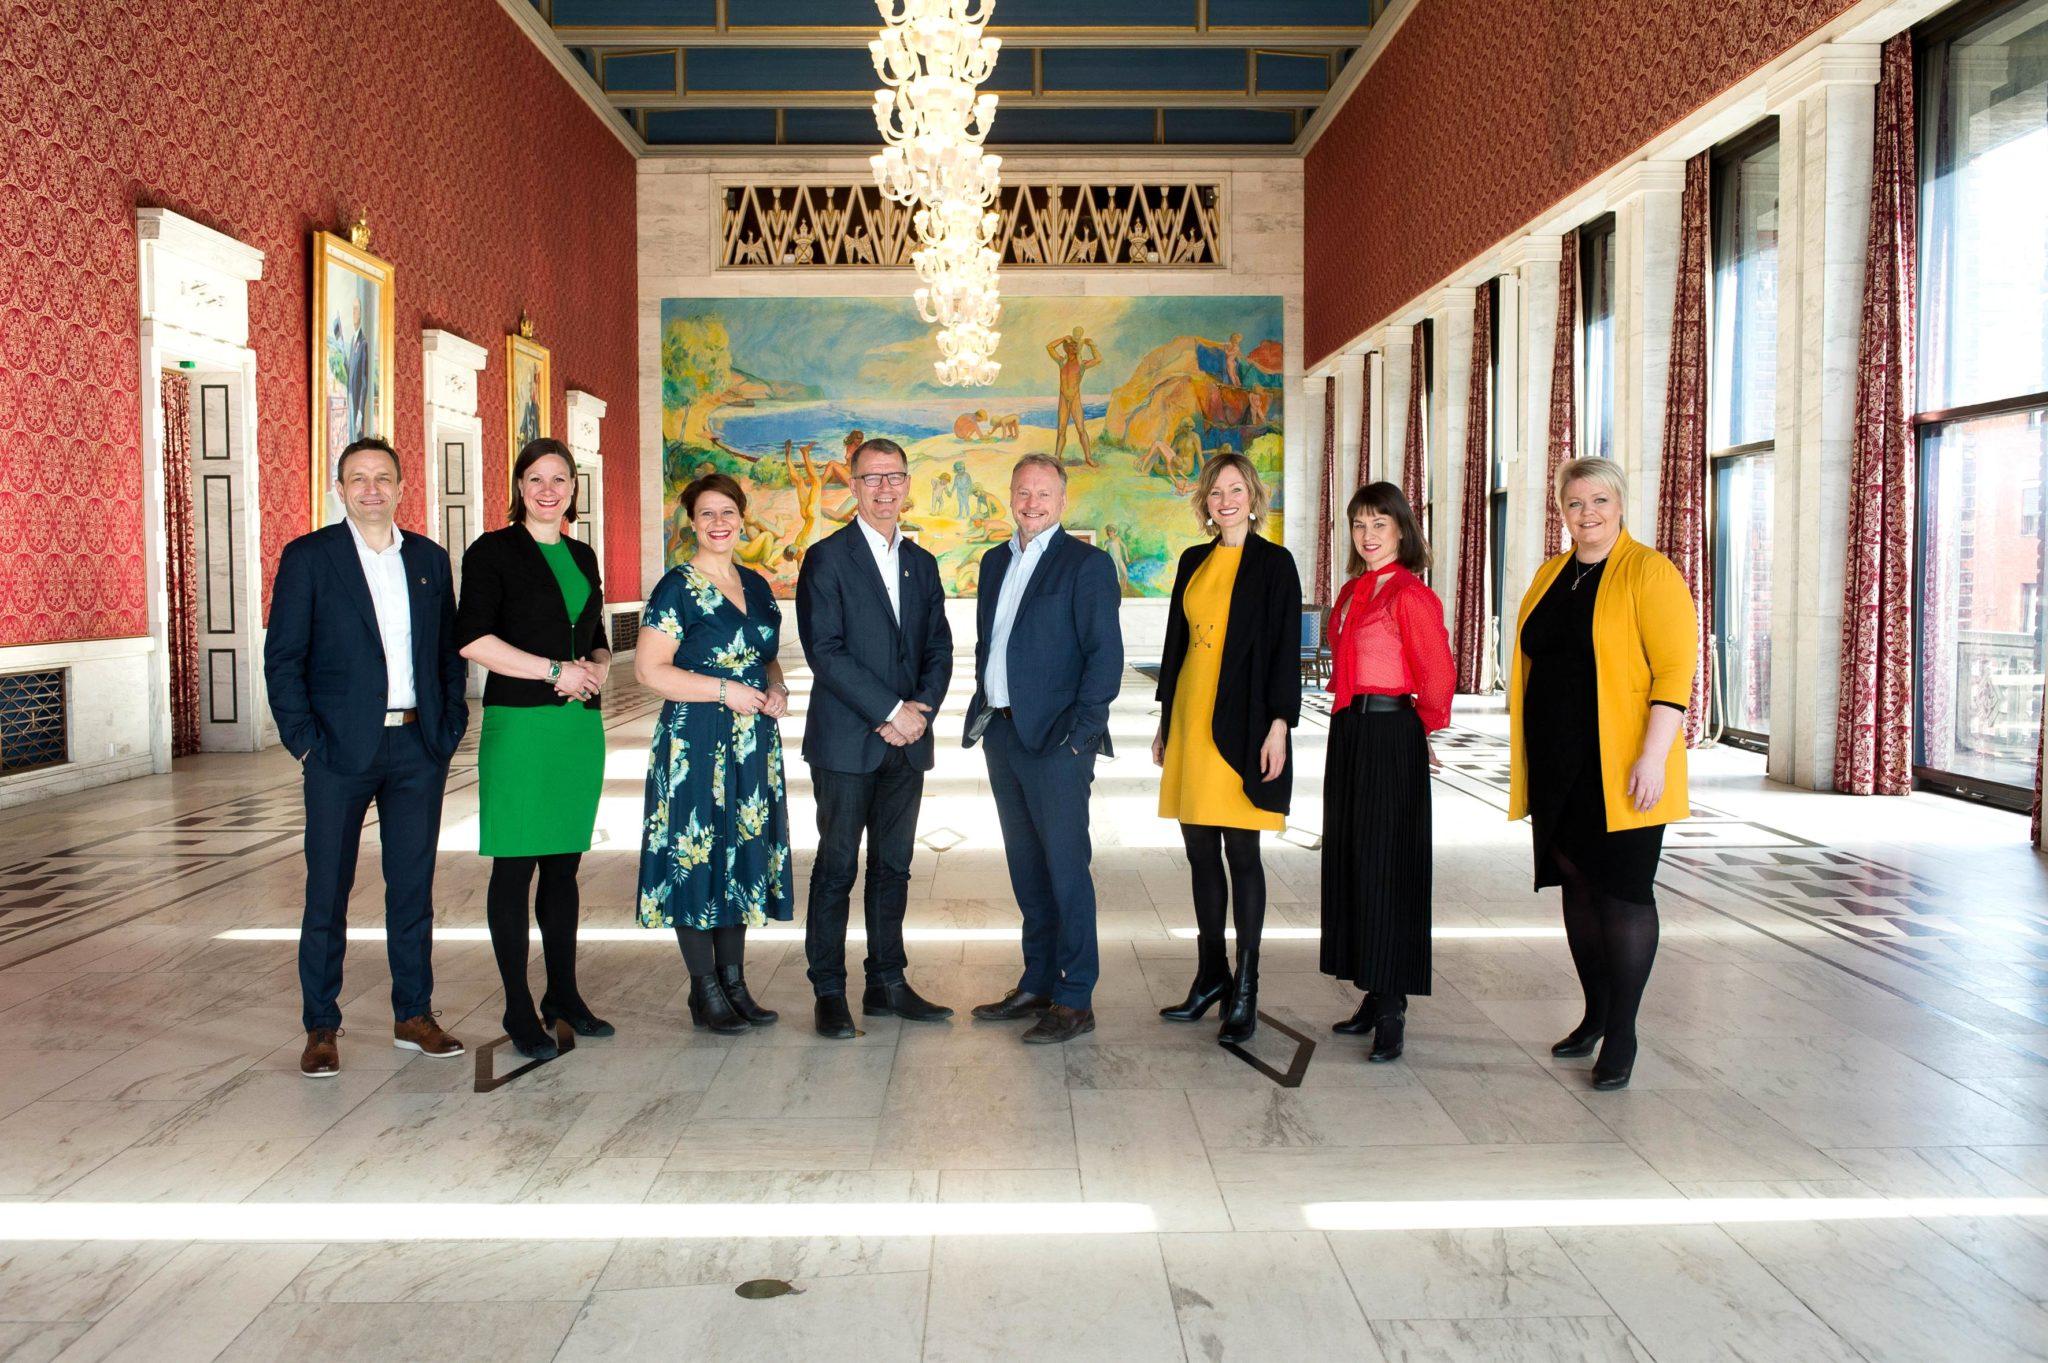 Syklistaksjon 2019: Oslopolitikerne misbruker offentlige midler!